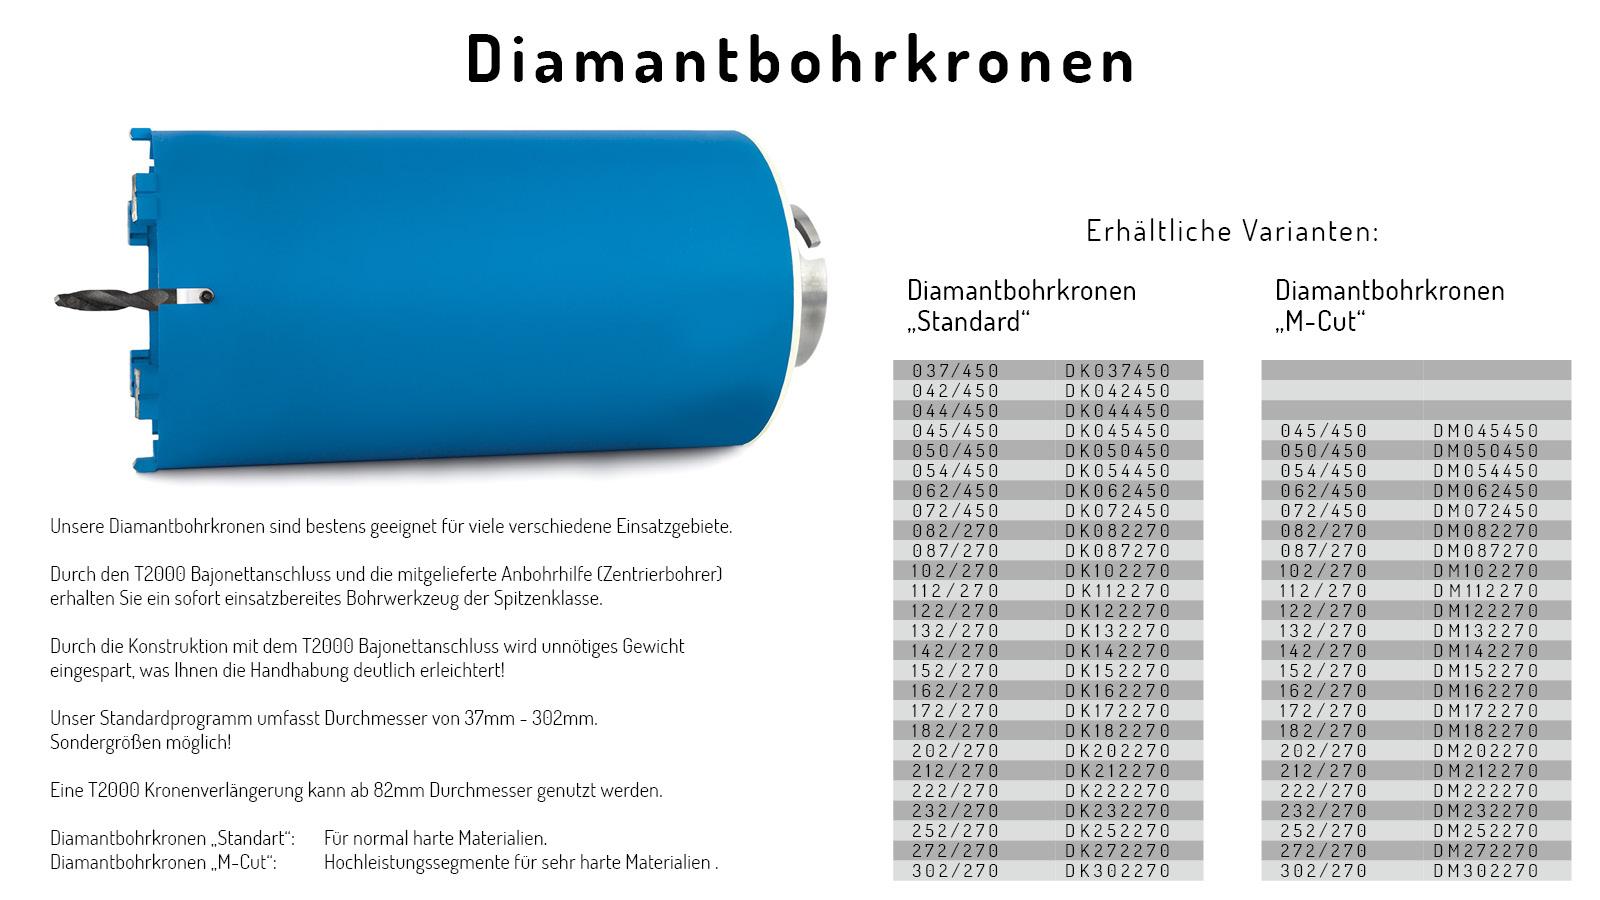 t2000-diamantbohrkronen-übersicht